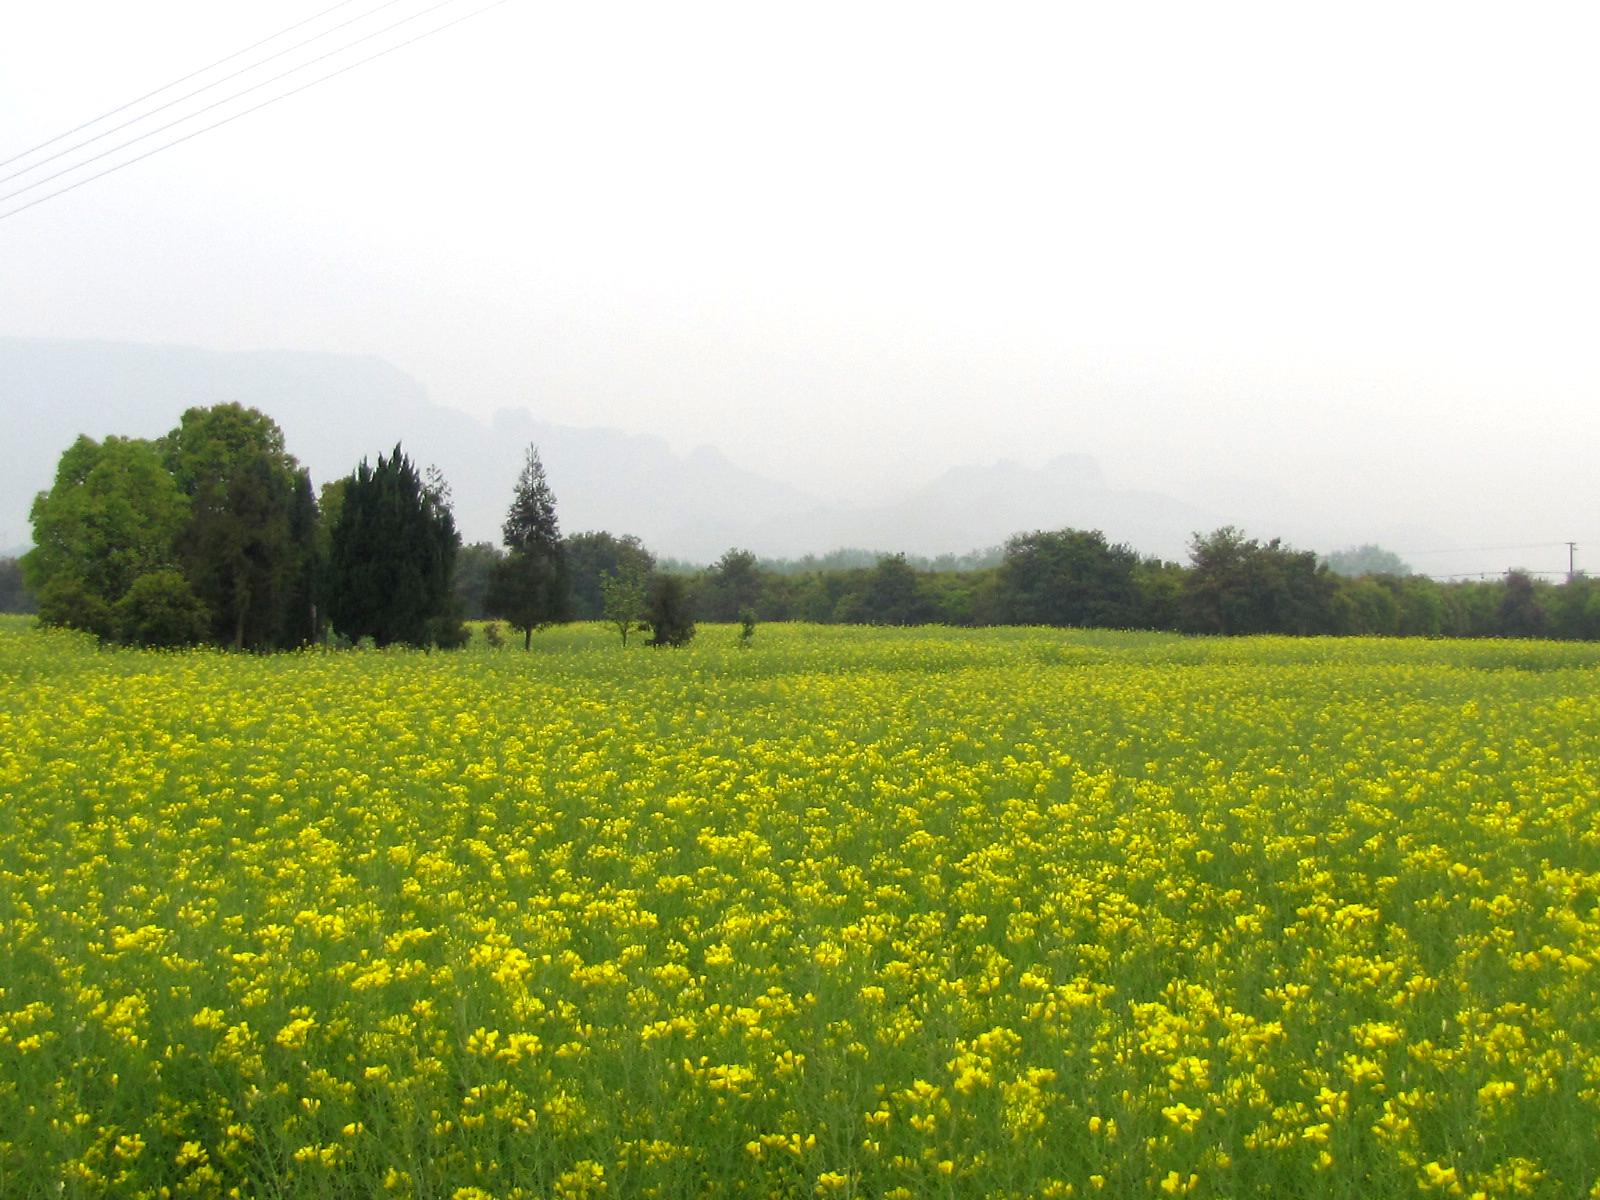 让我们暂时远离城市的喧扰,漫步在山水田野中,尽亨大自然给我们带来